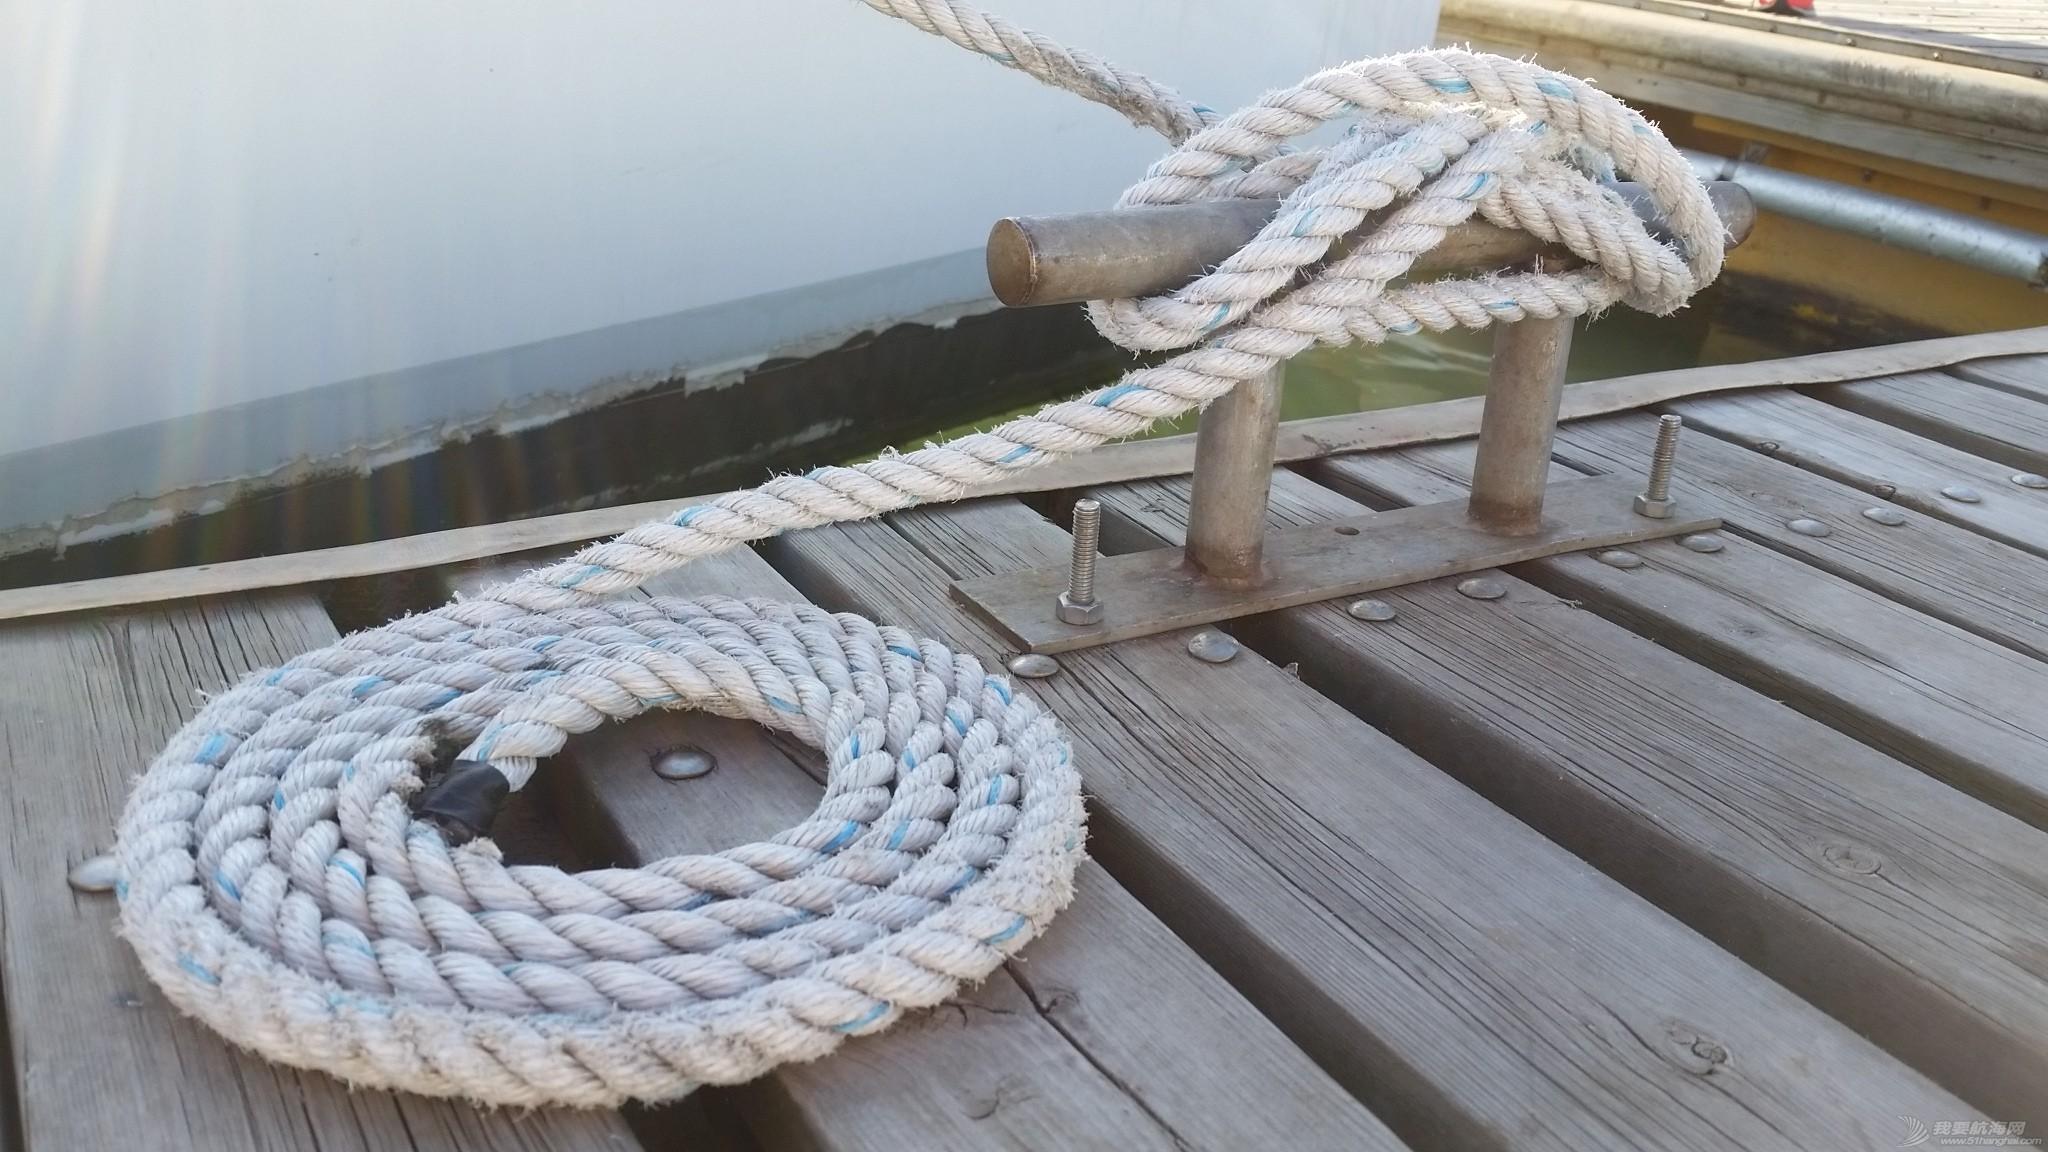 水上运动,帆船运动,冷空气,志愿者,徐莉佳 日照帆船第48期作业(附航海急救包) 20160826_165057.jpg